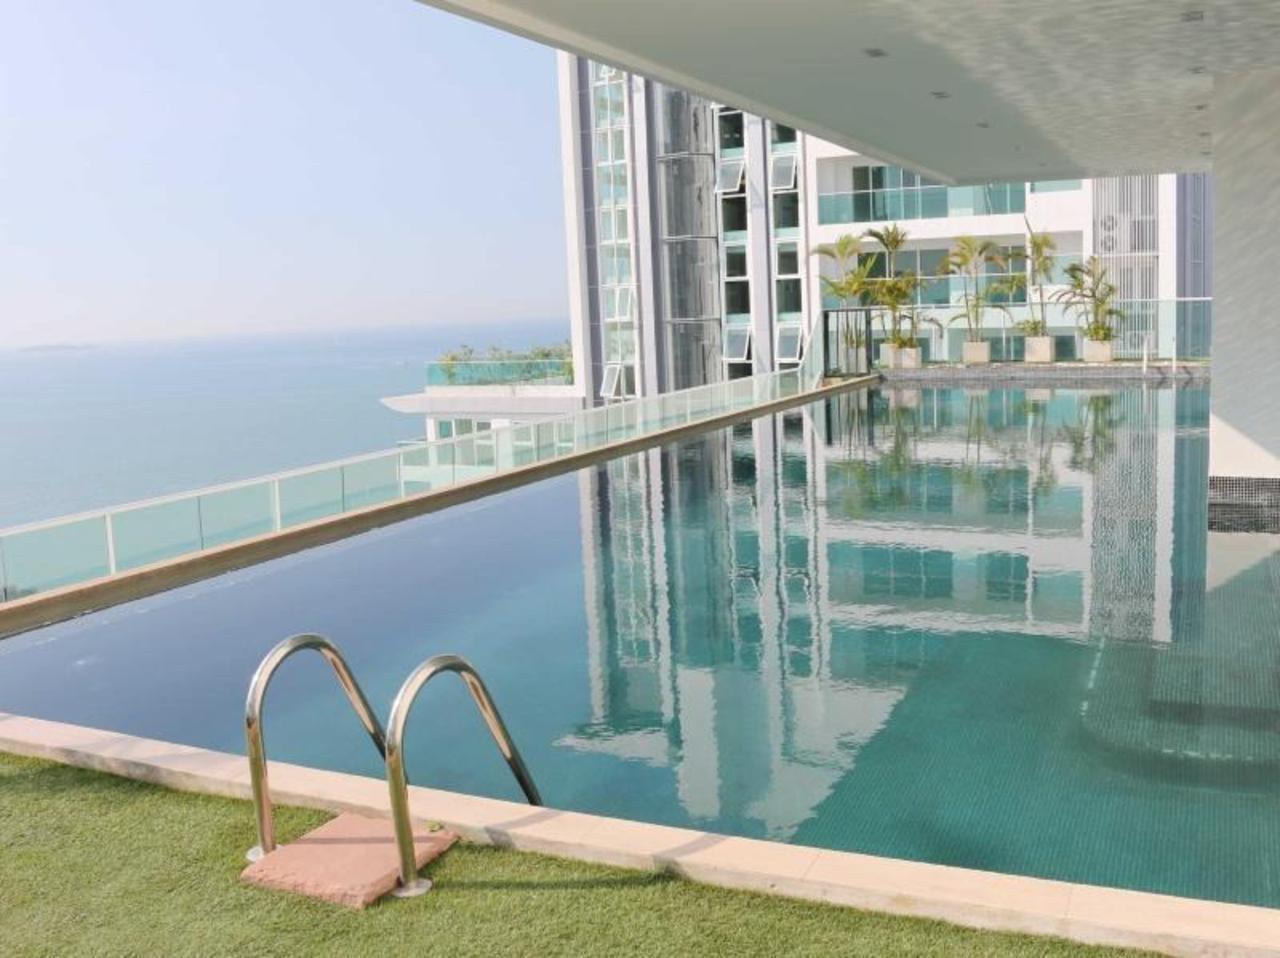 เดอะ วิว โคซี่ บีช คอนโดมีเนียม (The View Cozy Beach Condominium)